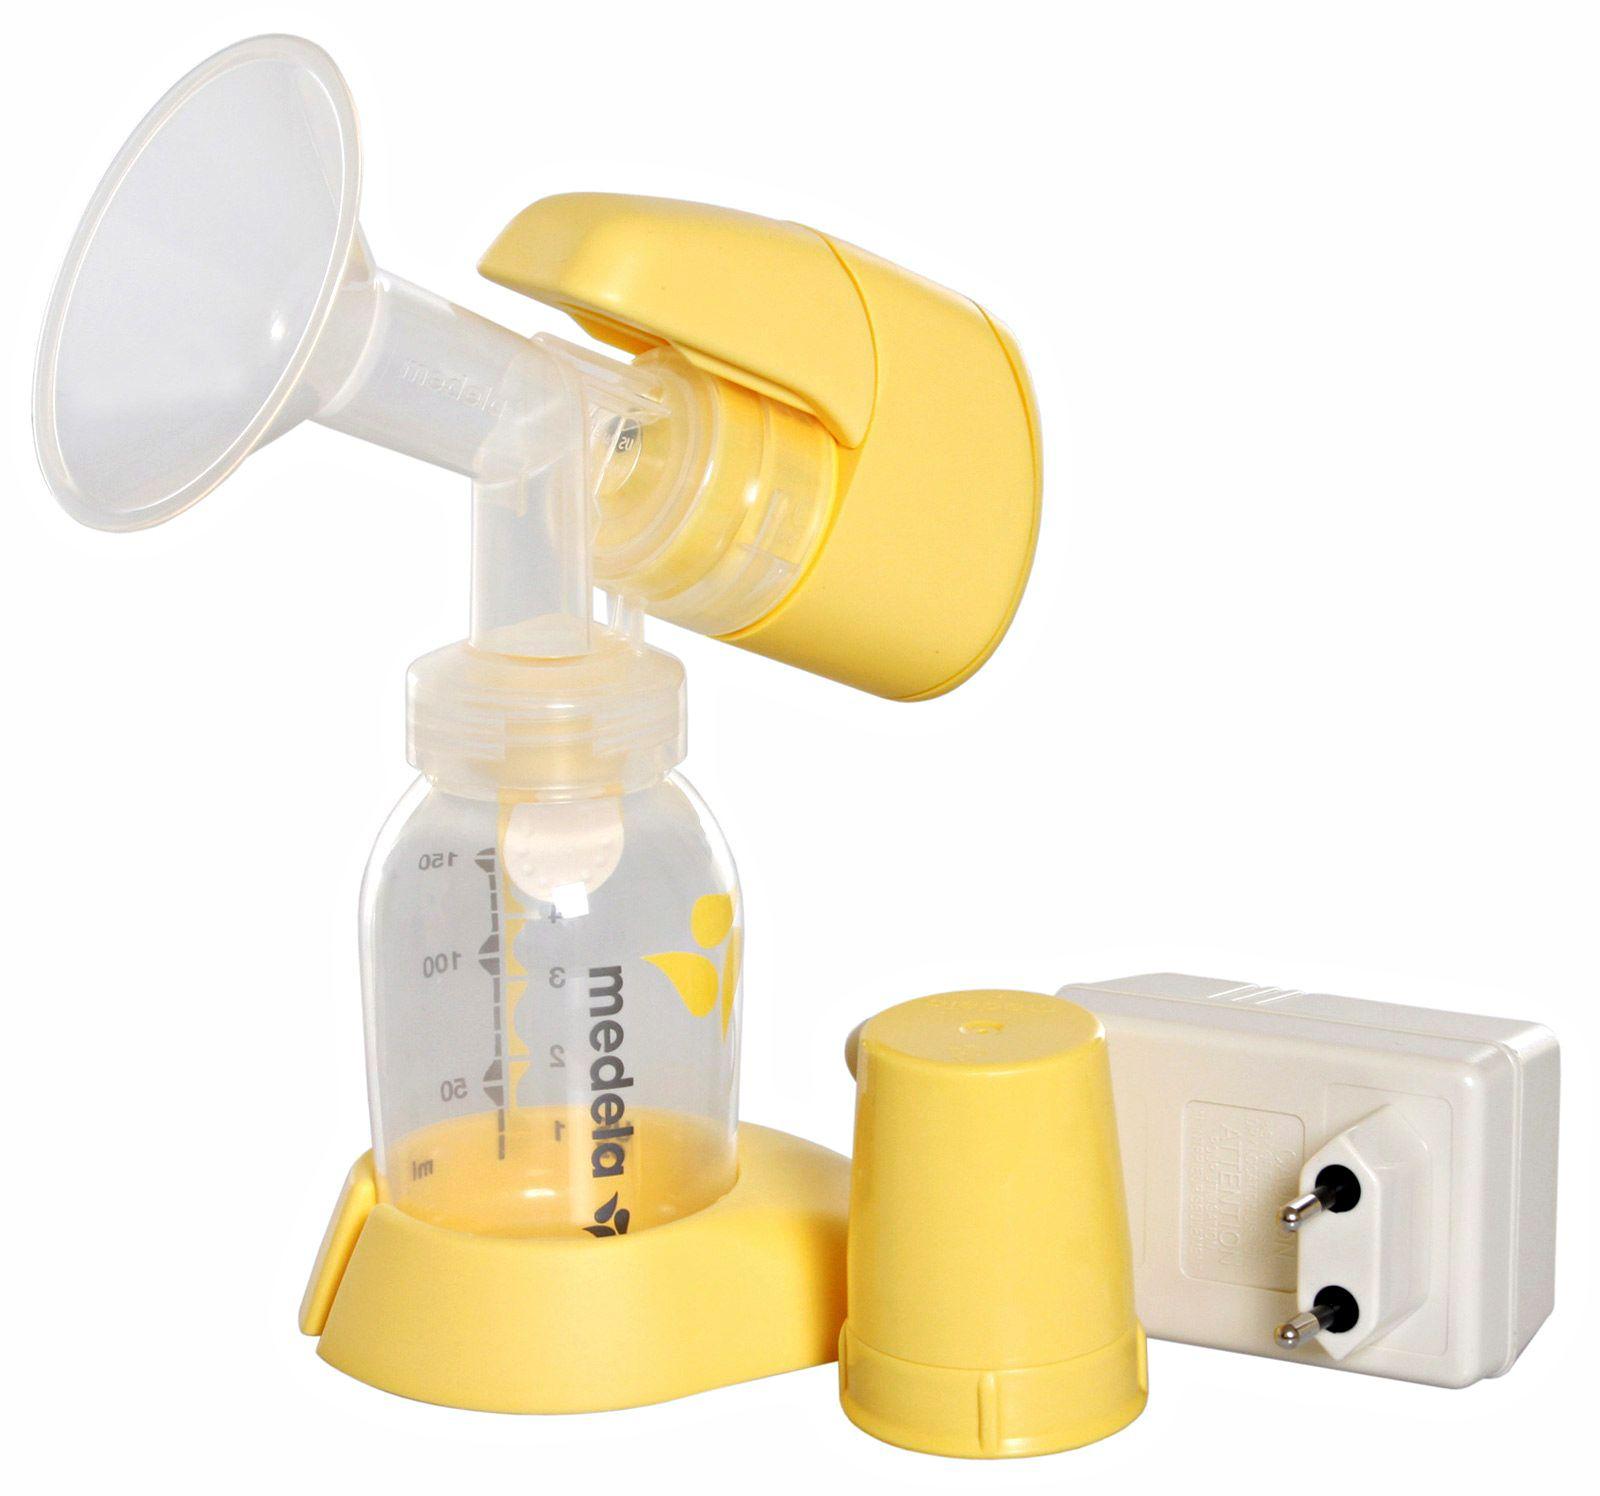 Bomba Tira Leite Materno Mini Eletric Medela